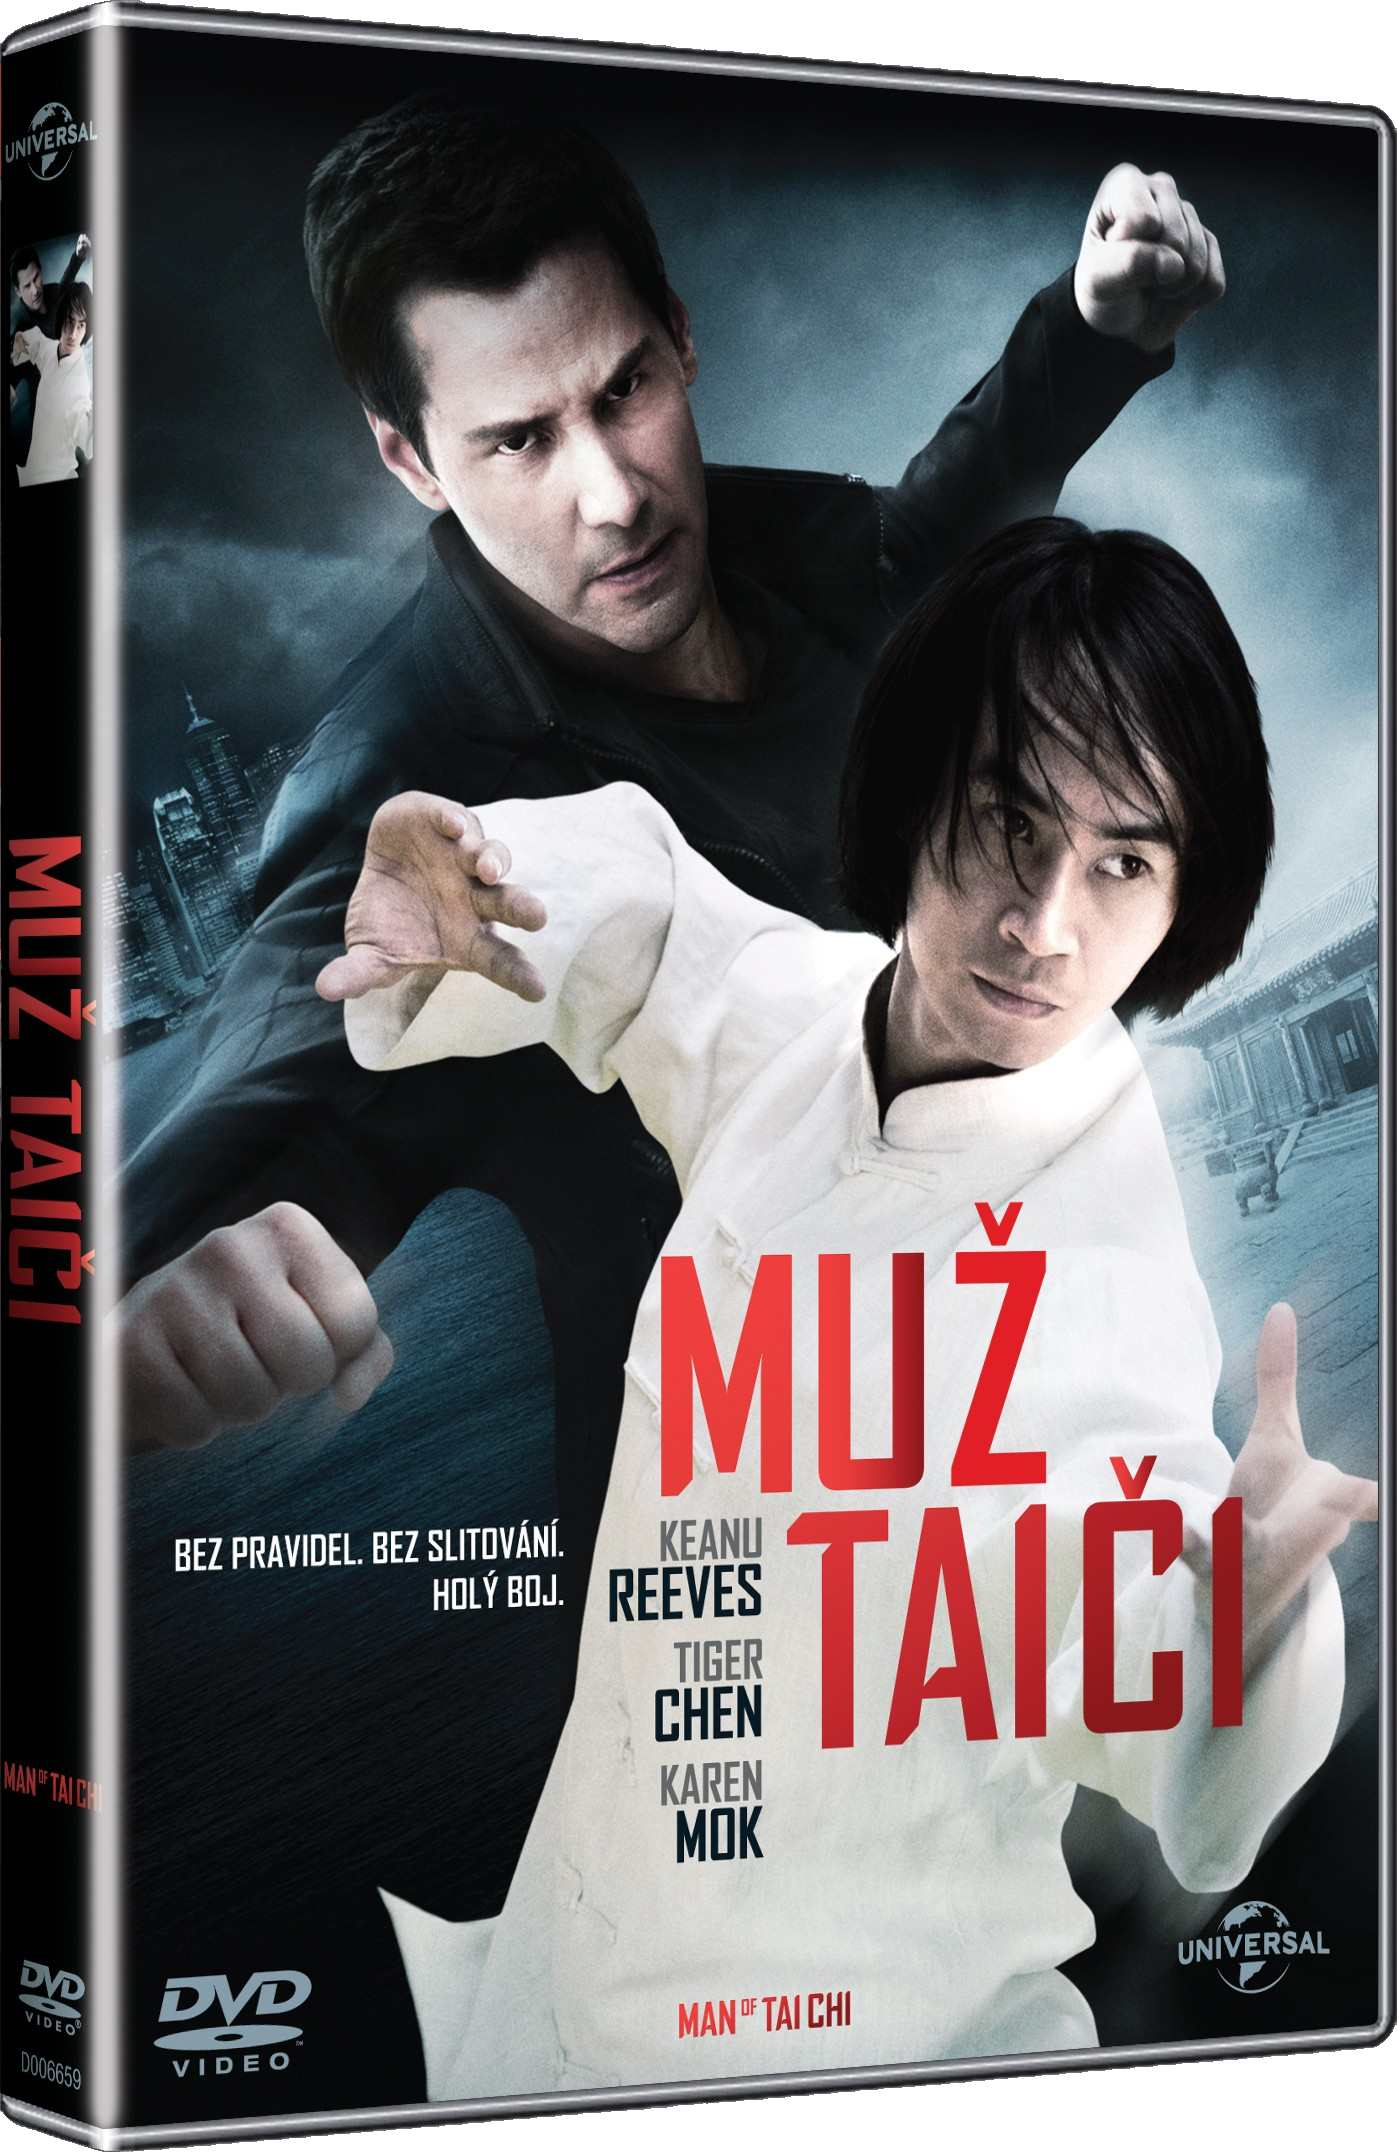 MUŽ TAIČI - DVD